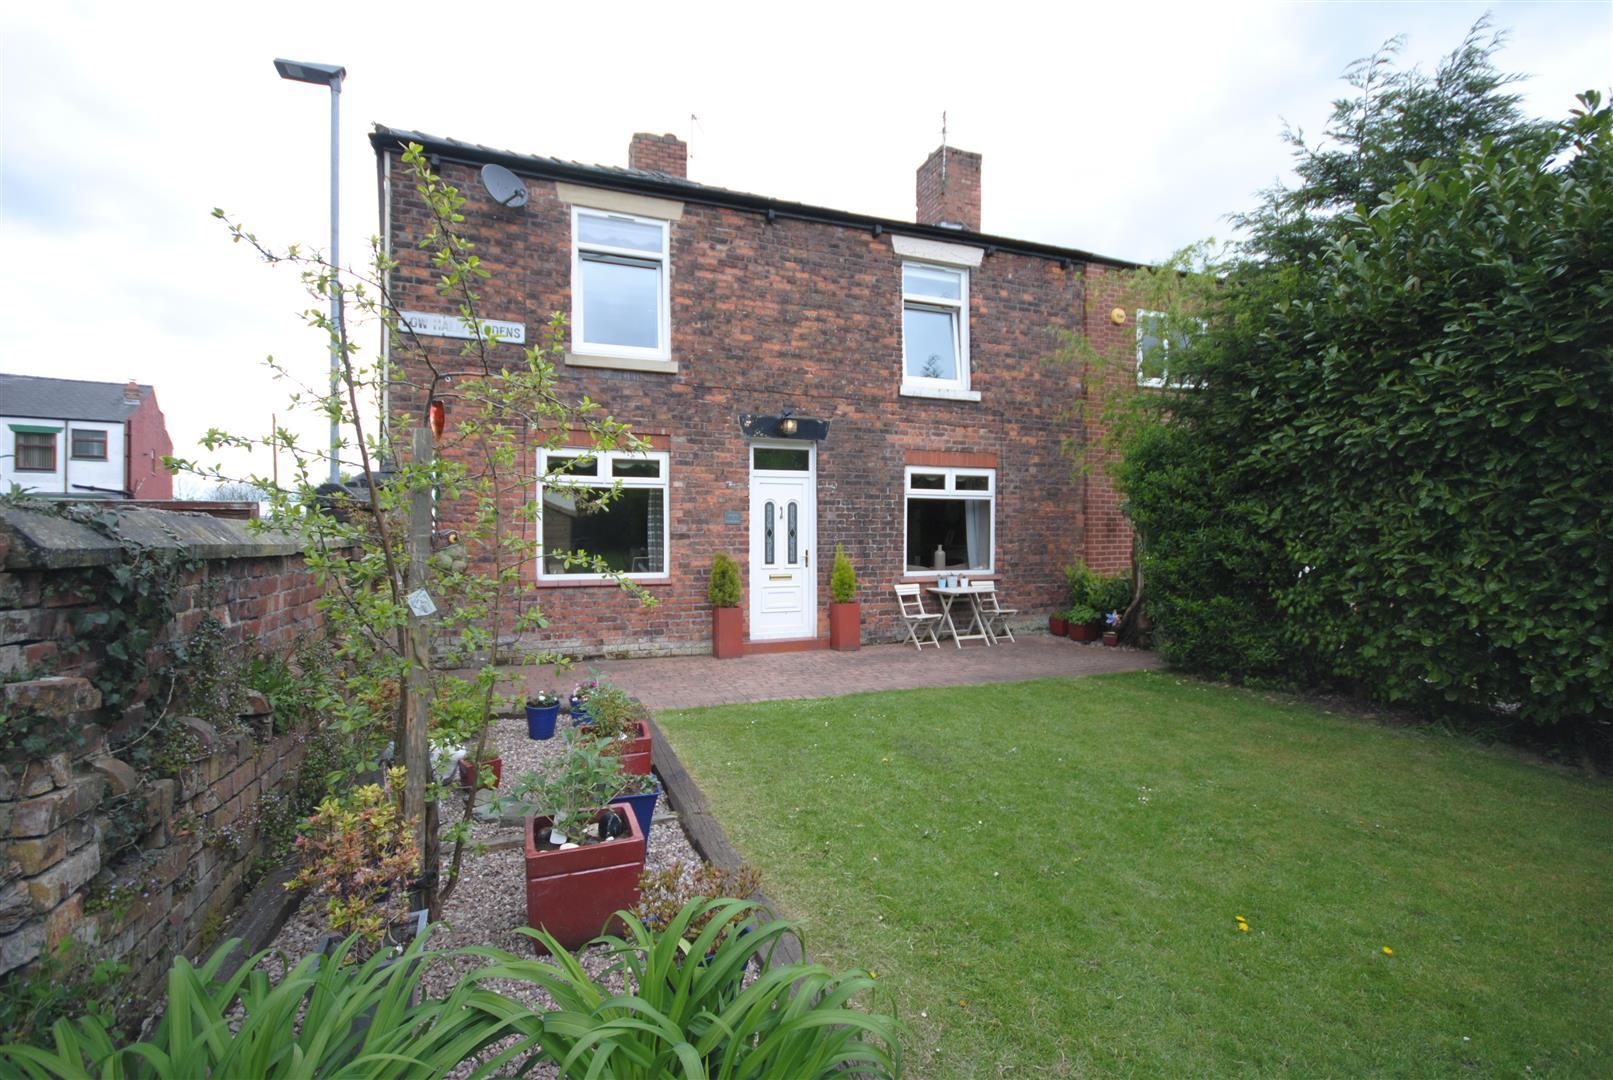 3 Bedrooms Property for sale in Low Hall Gardens, Platt Bridge, Wigan